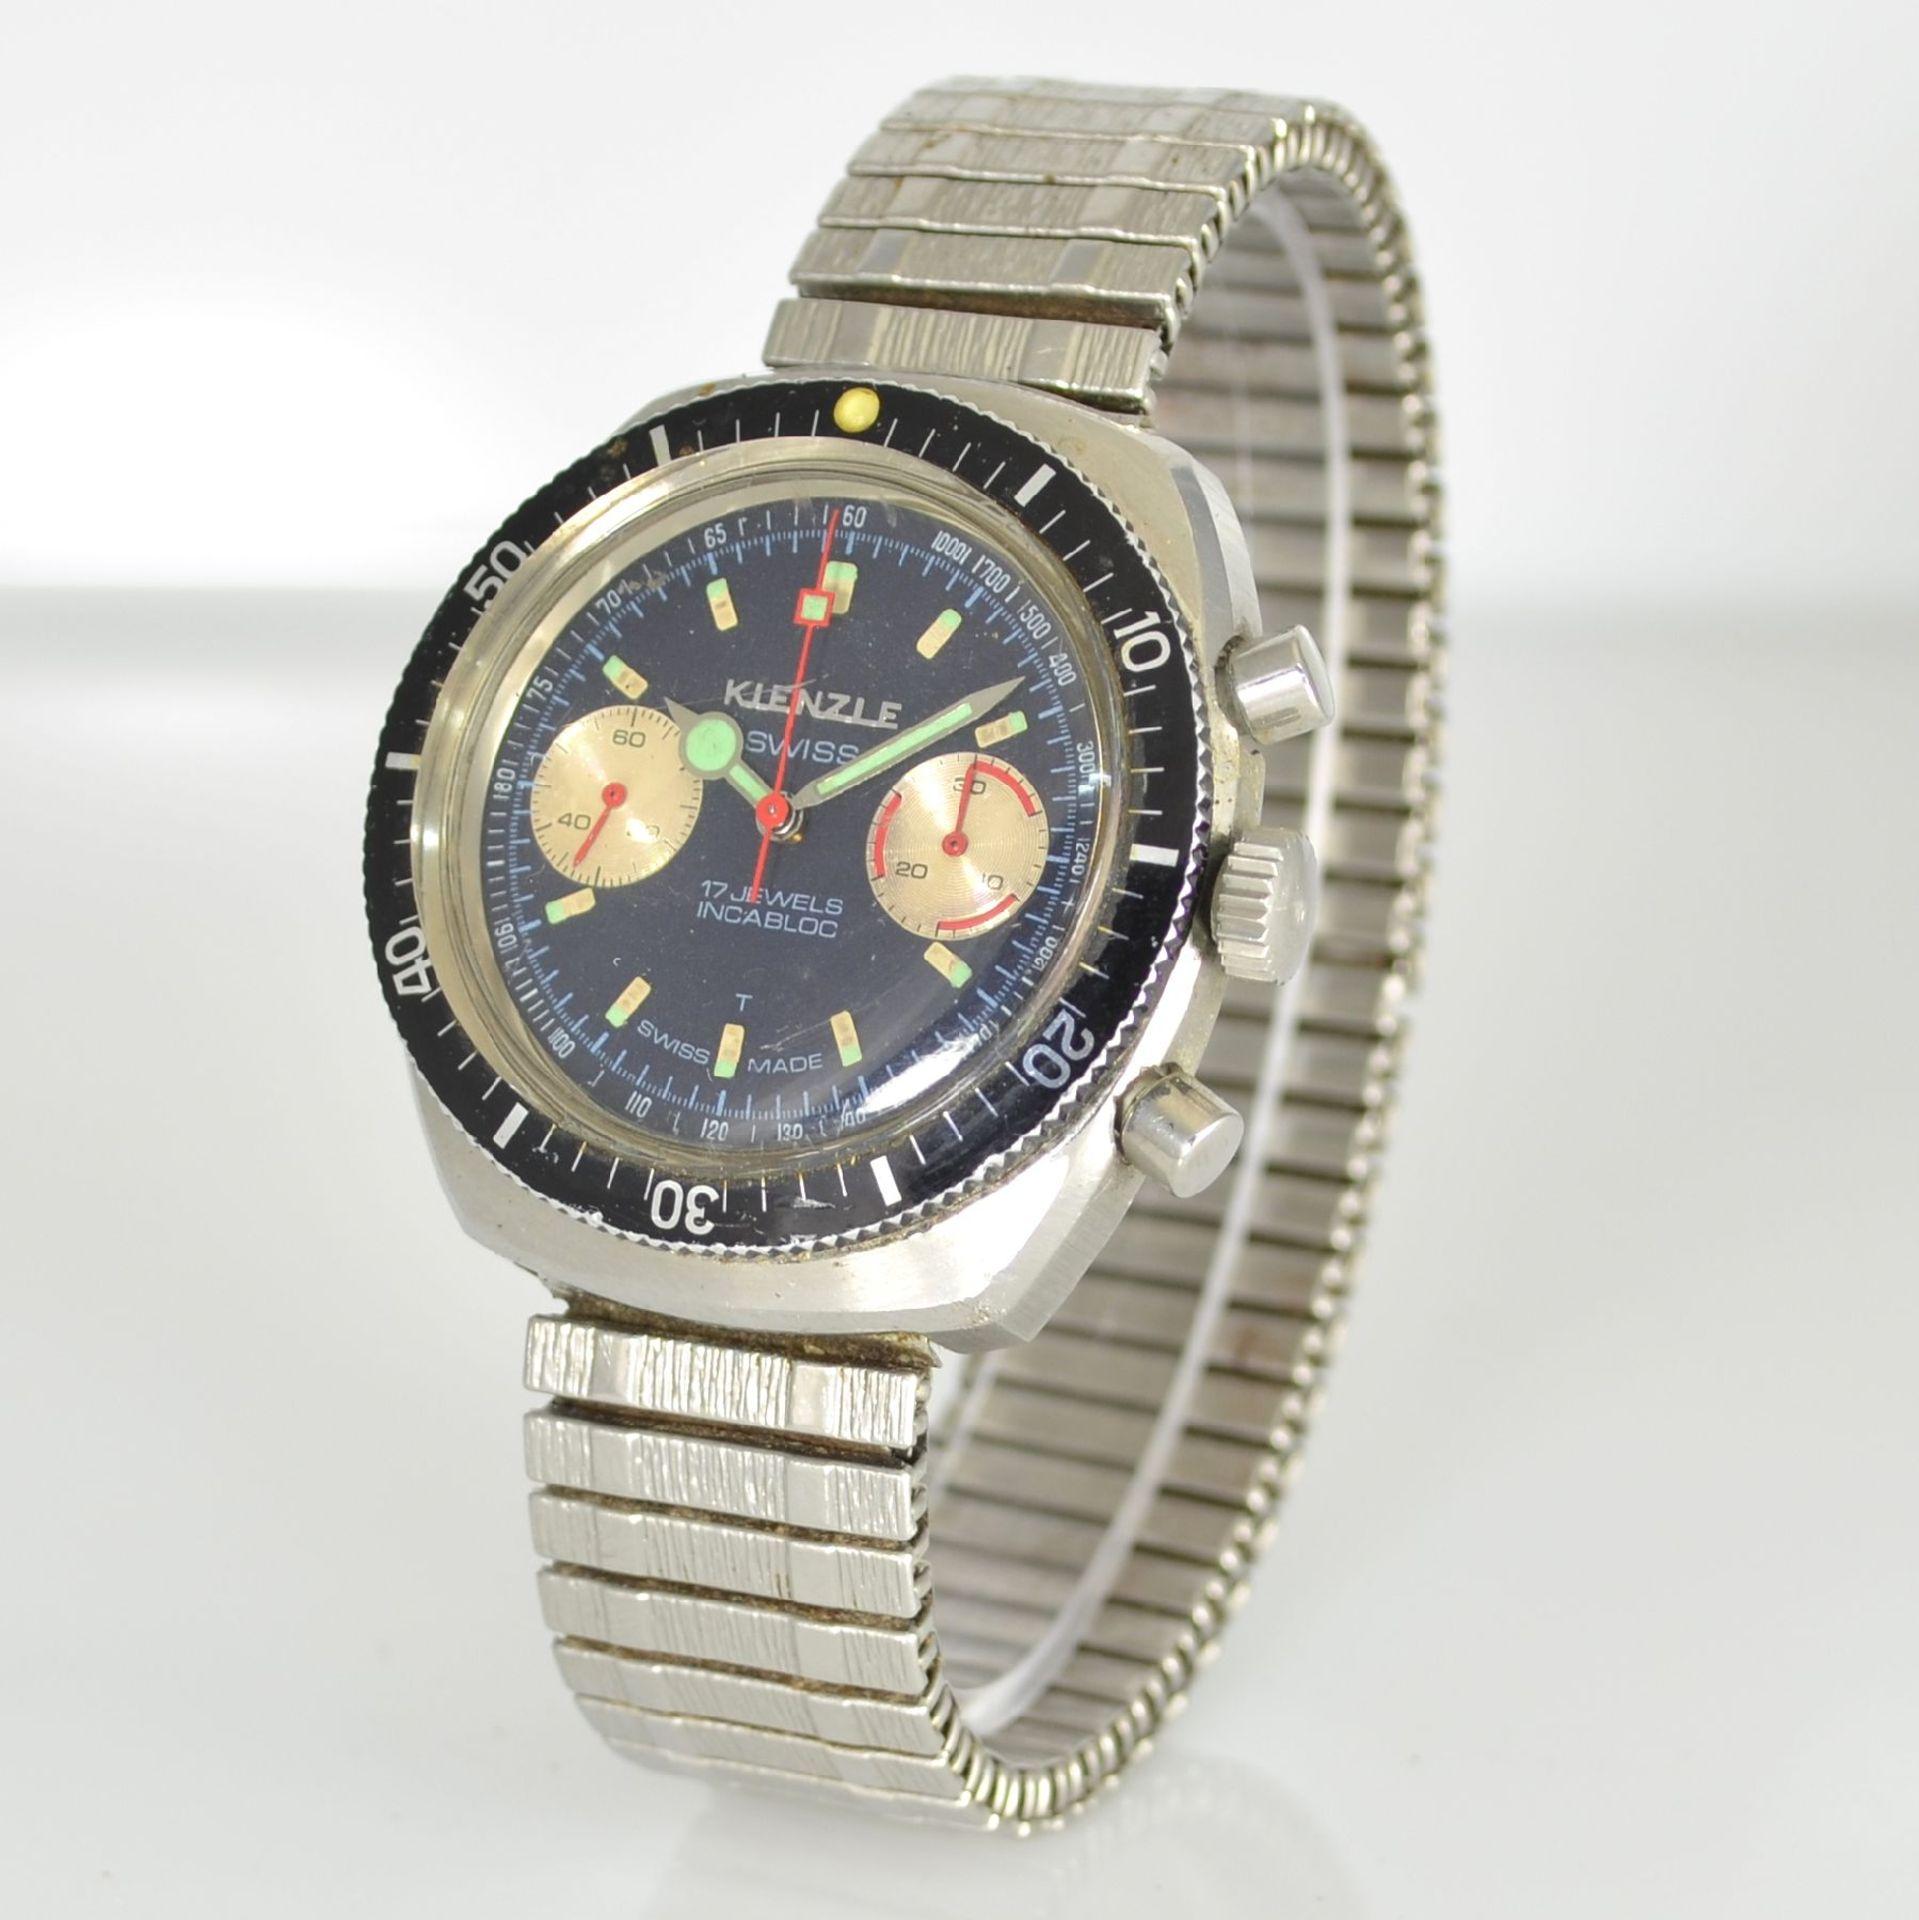 KIENZLE Armbandchronograph, Handaufzug, Schweiz/Deutschland um 1968, Ref. 1006-10, Edelstahlgeh. - Bild 3 aus 5